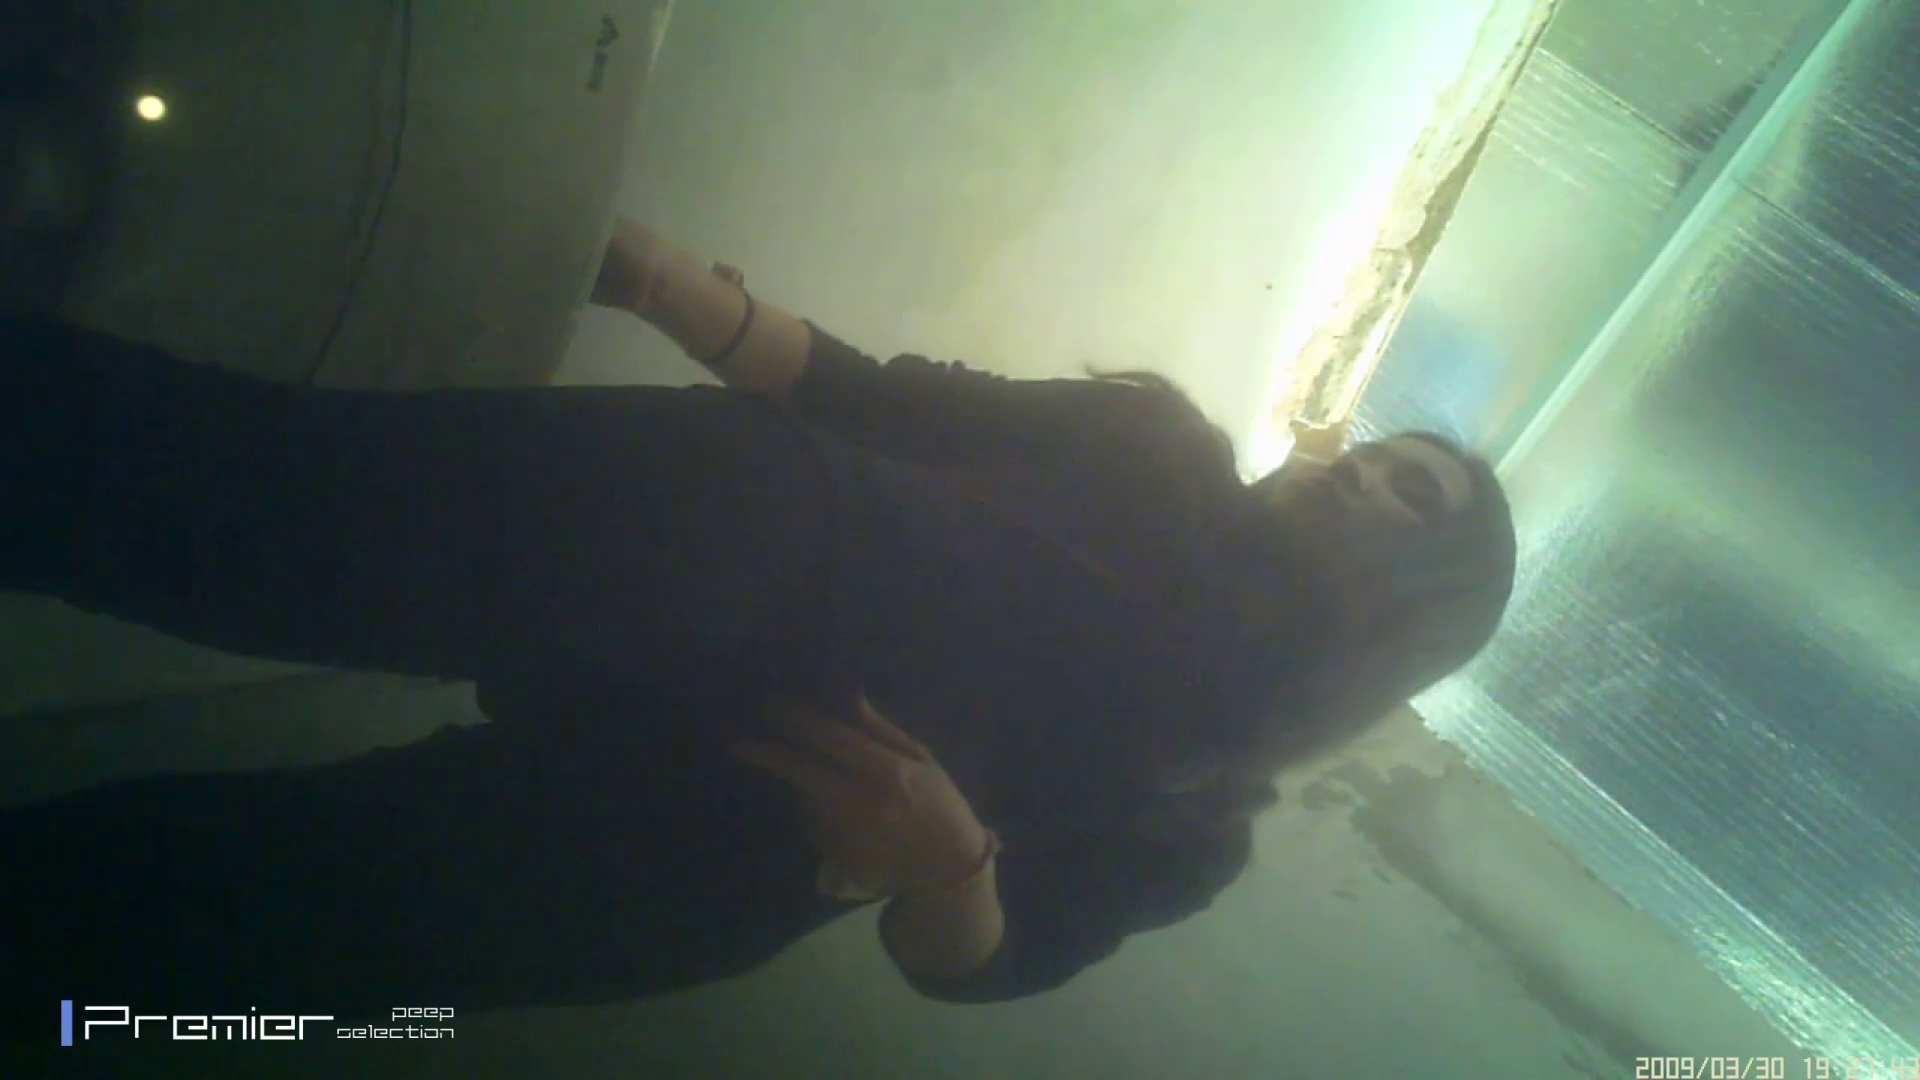 美女のパンチラ&トイレシーンを密着盗撮!! 盗撮コレクションVol.04 トイレの実態 ヌード画像 79PIX 14